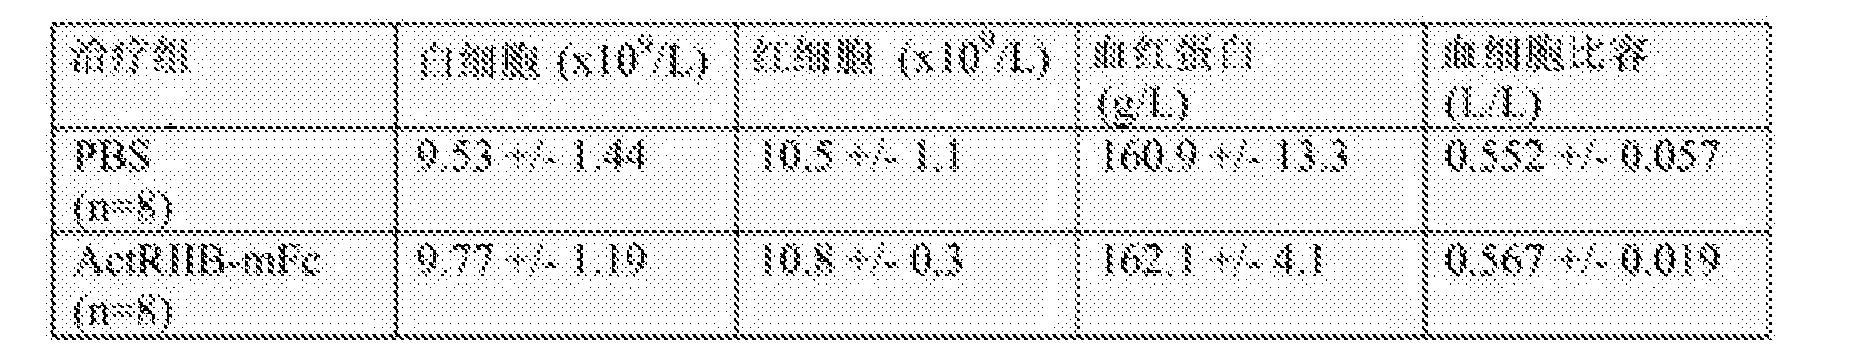 Figure CN103987403BD00501